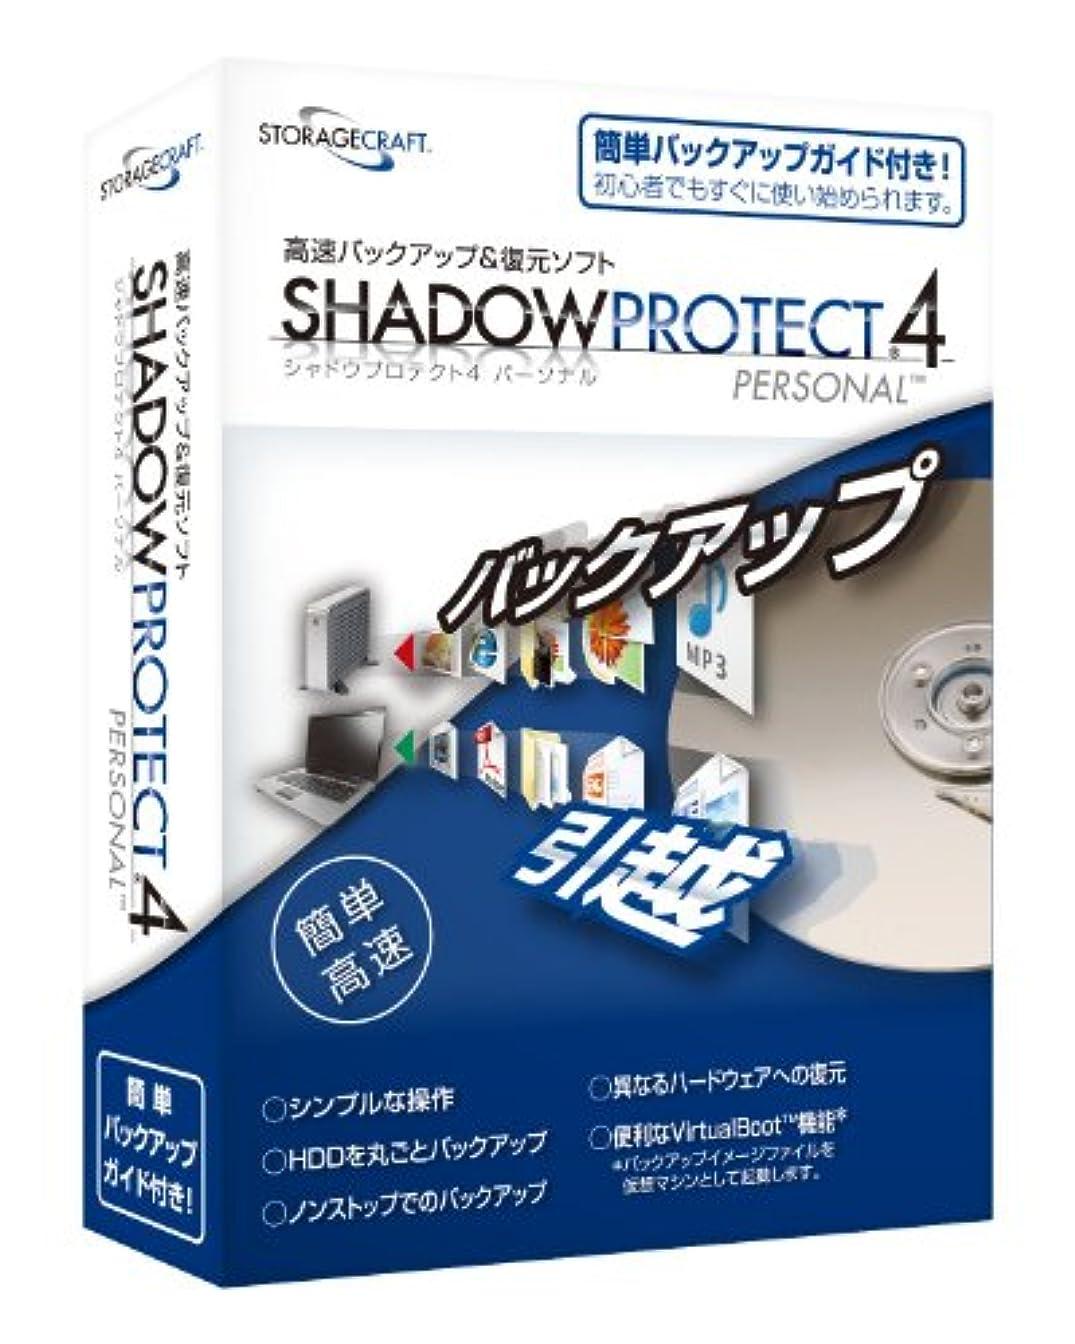 ラネクシー    ShadowProtect 4 Personal